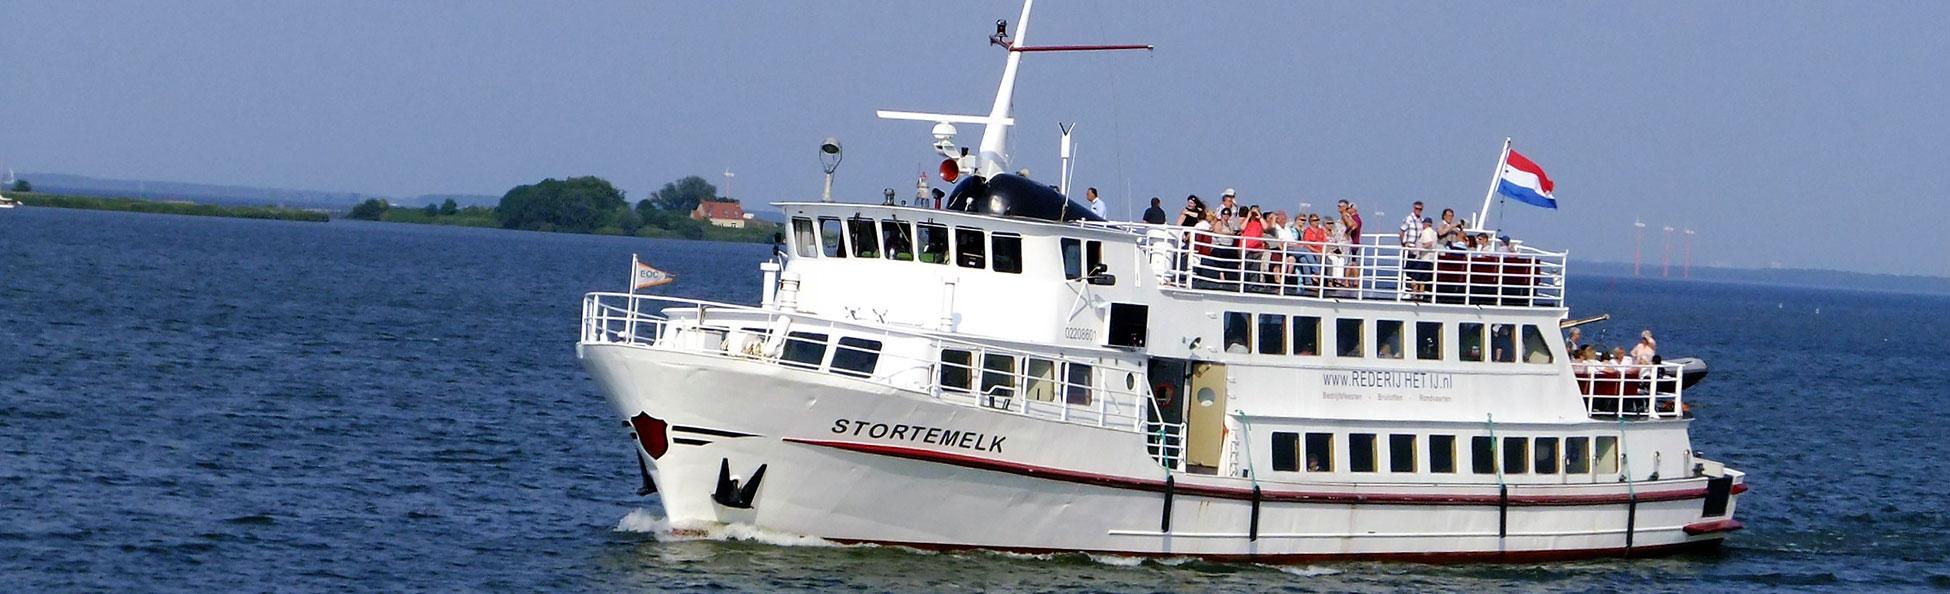 minicruise boottocht amsterdam rederij het ij